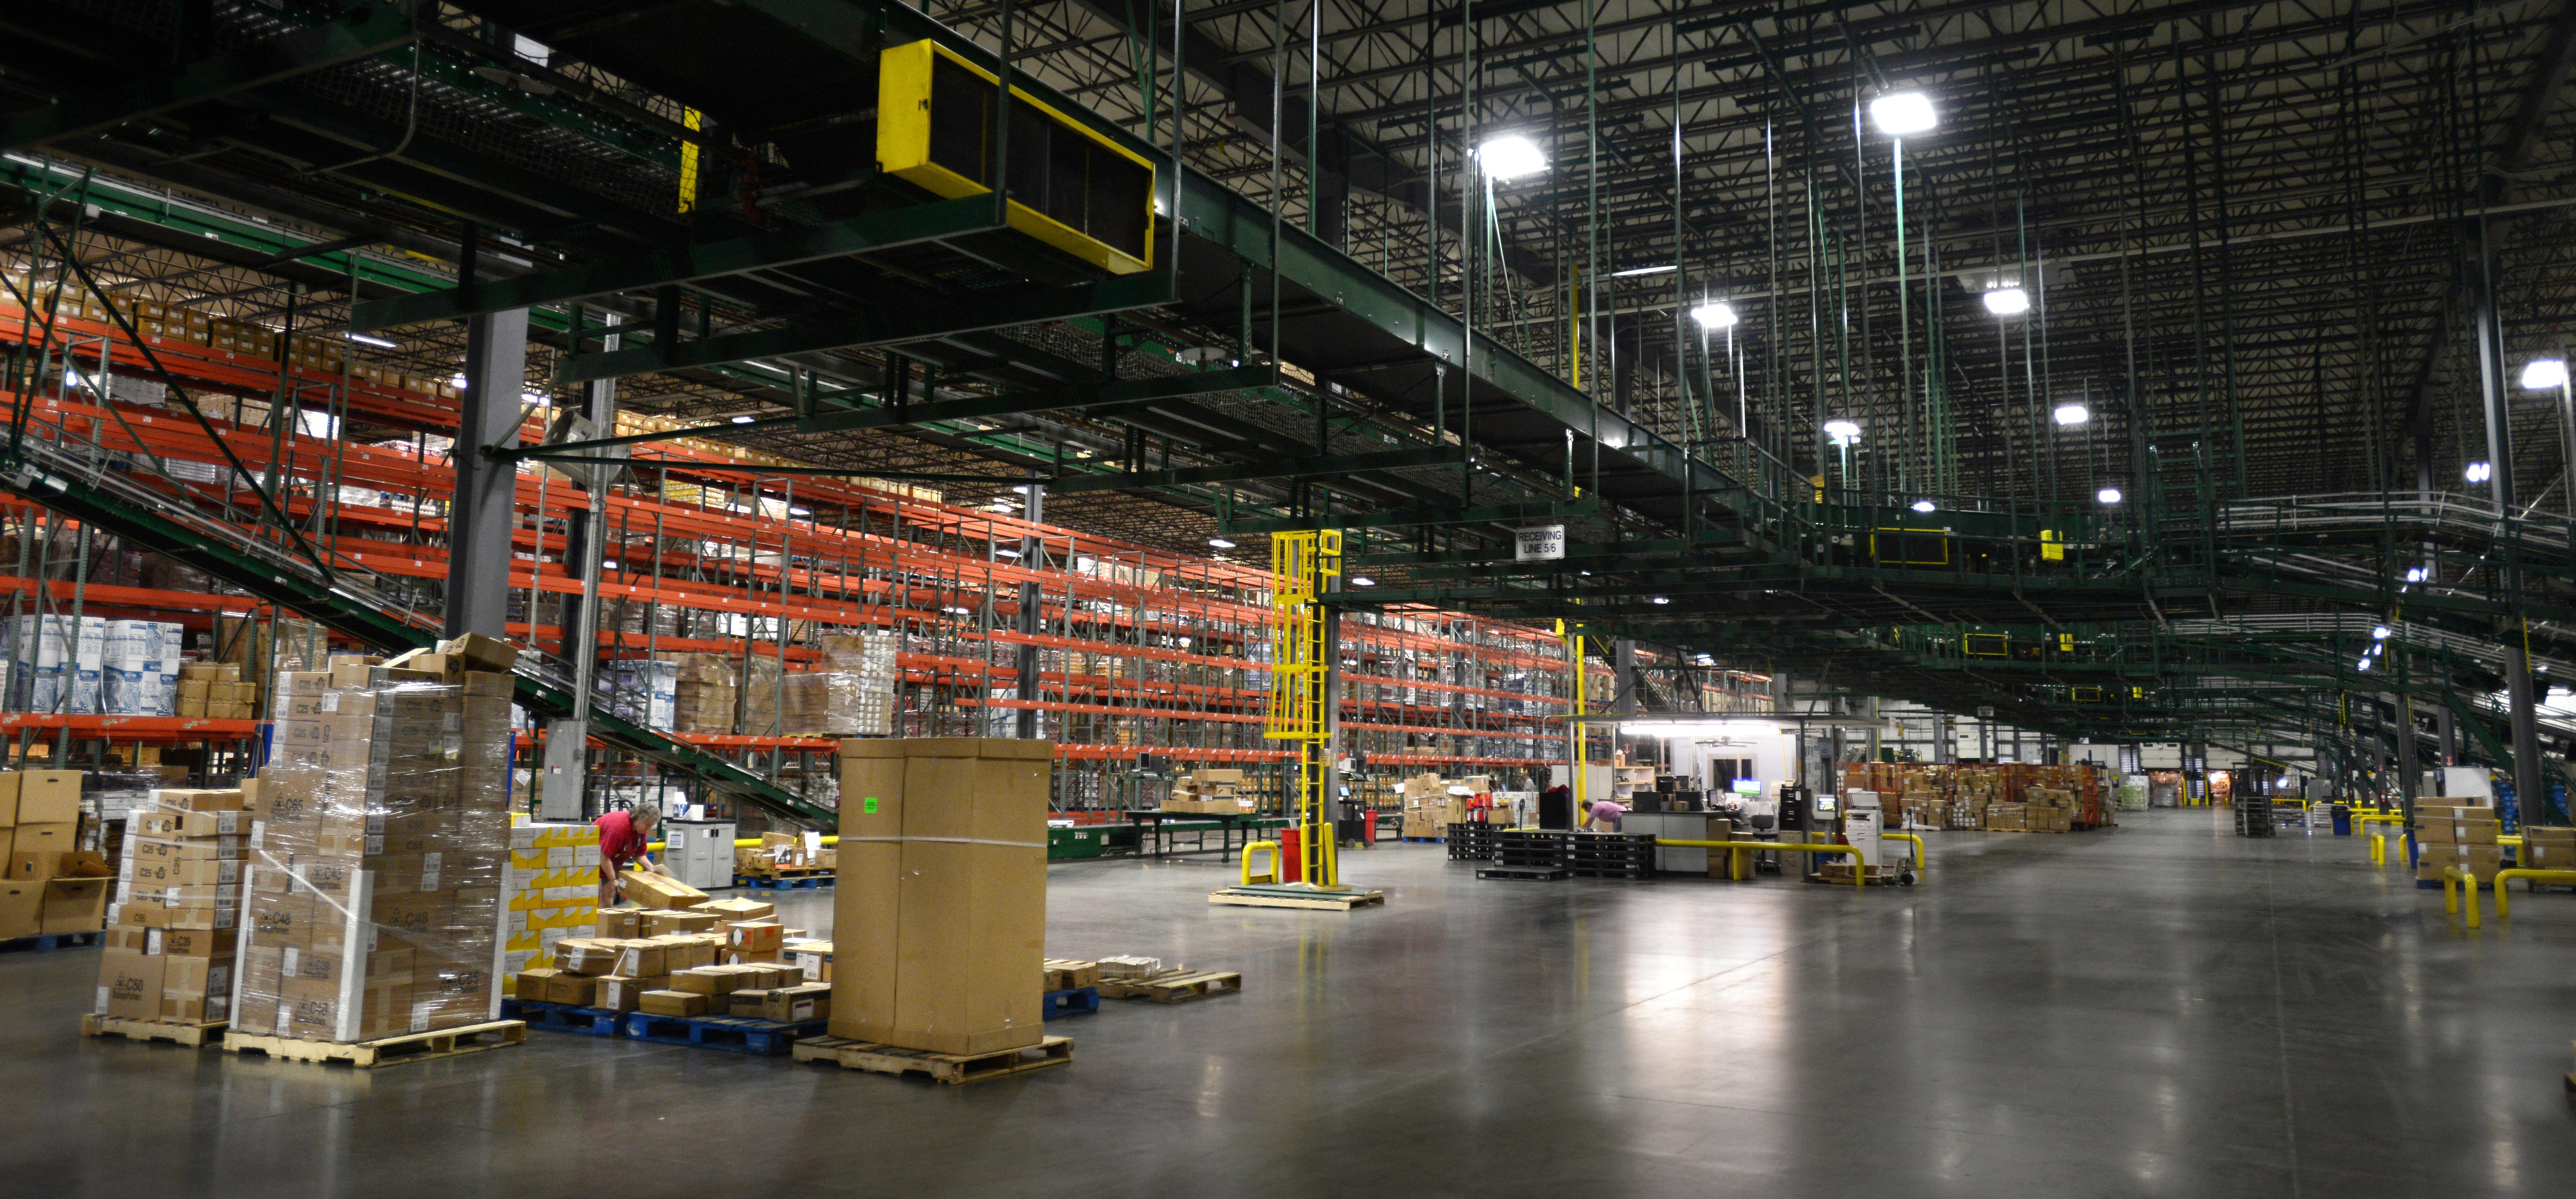 Walmart Corporate Contact >> Walmart distribution center in Bentonville, Ark.